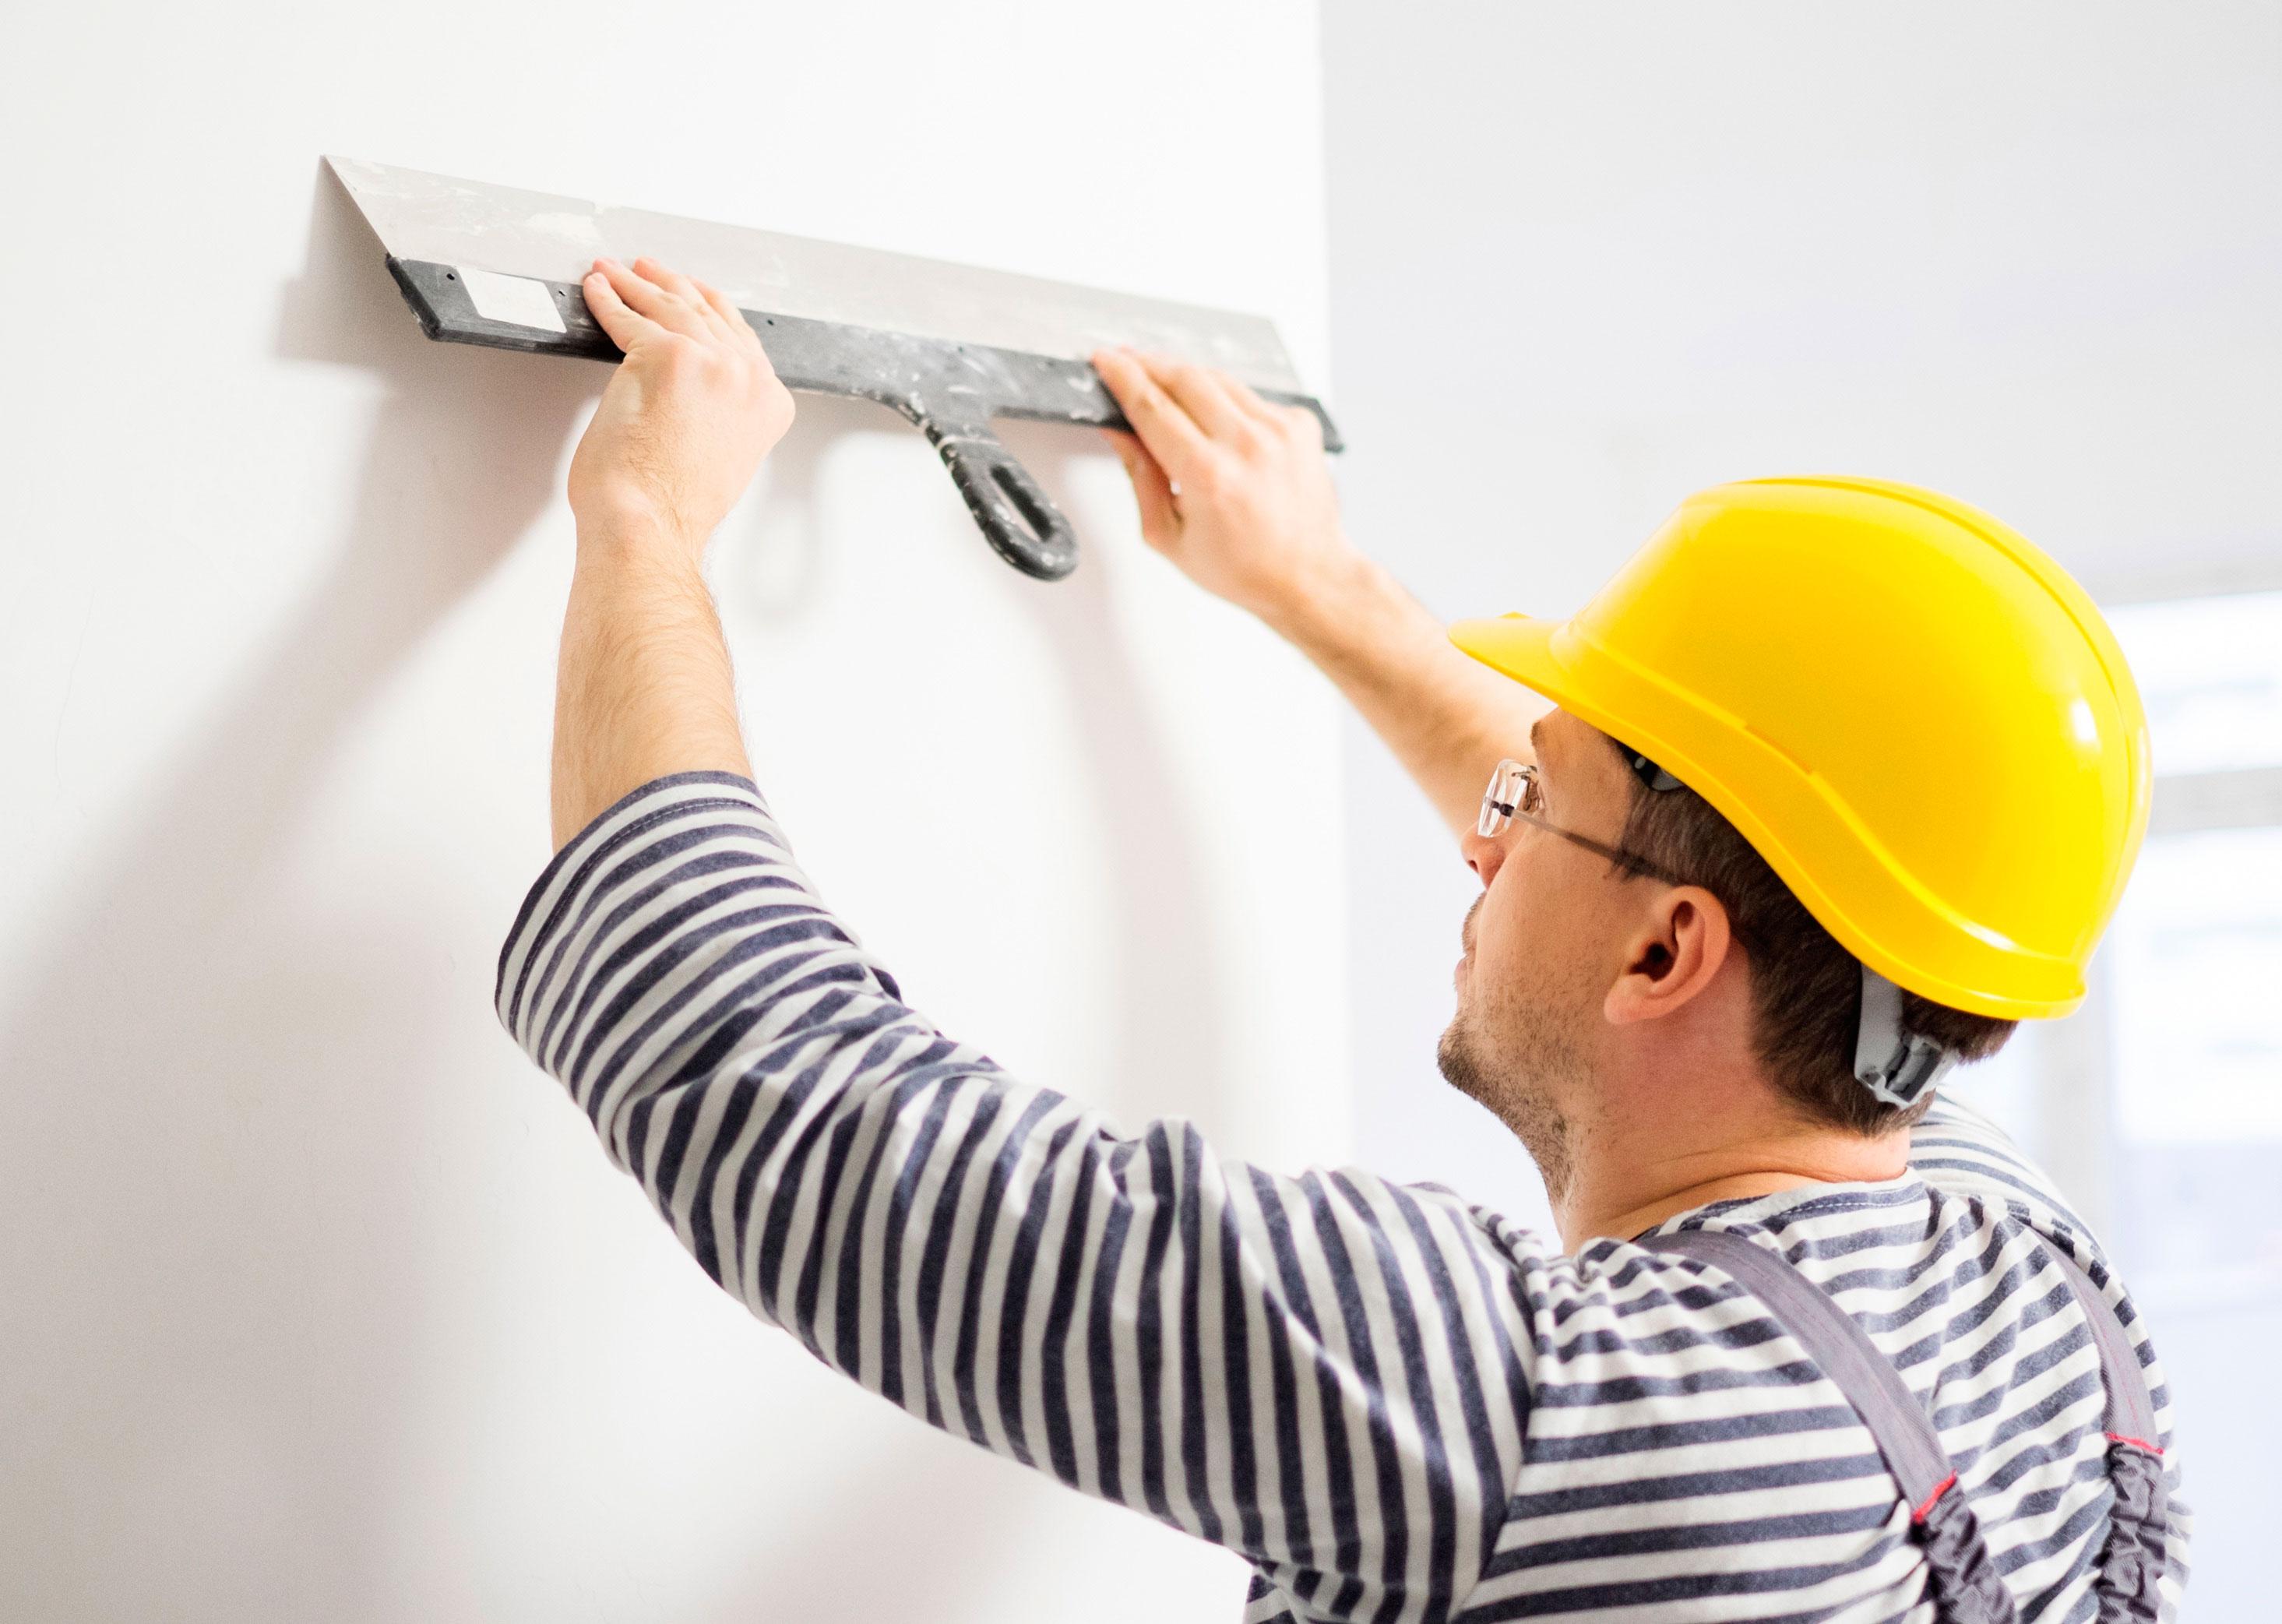 Шпаклевка стен как правильно шпаклевать шпаклевание своими руками как выровнять стены шпатлевкой